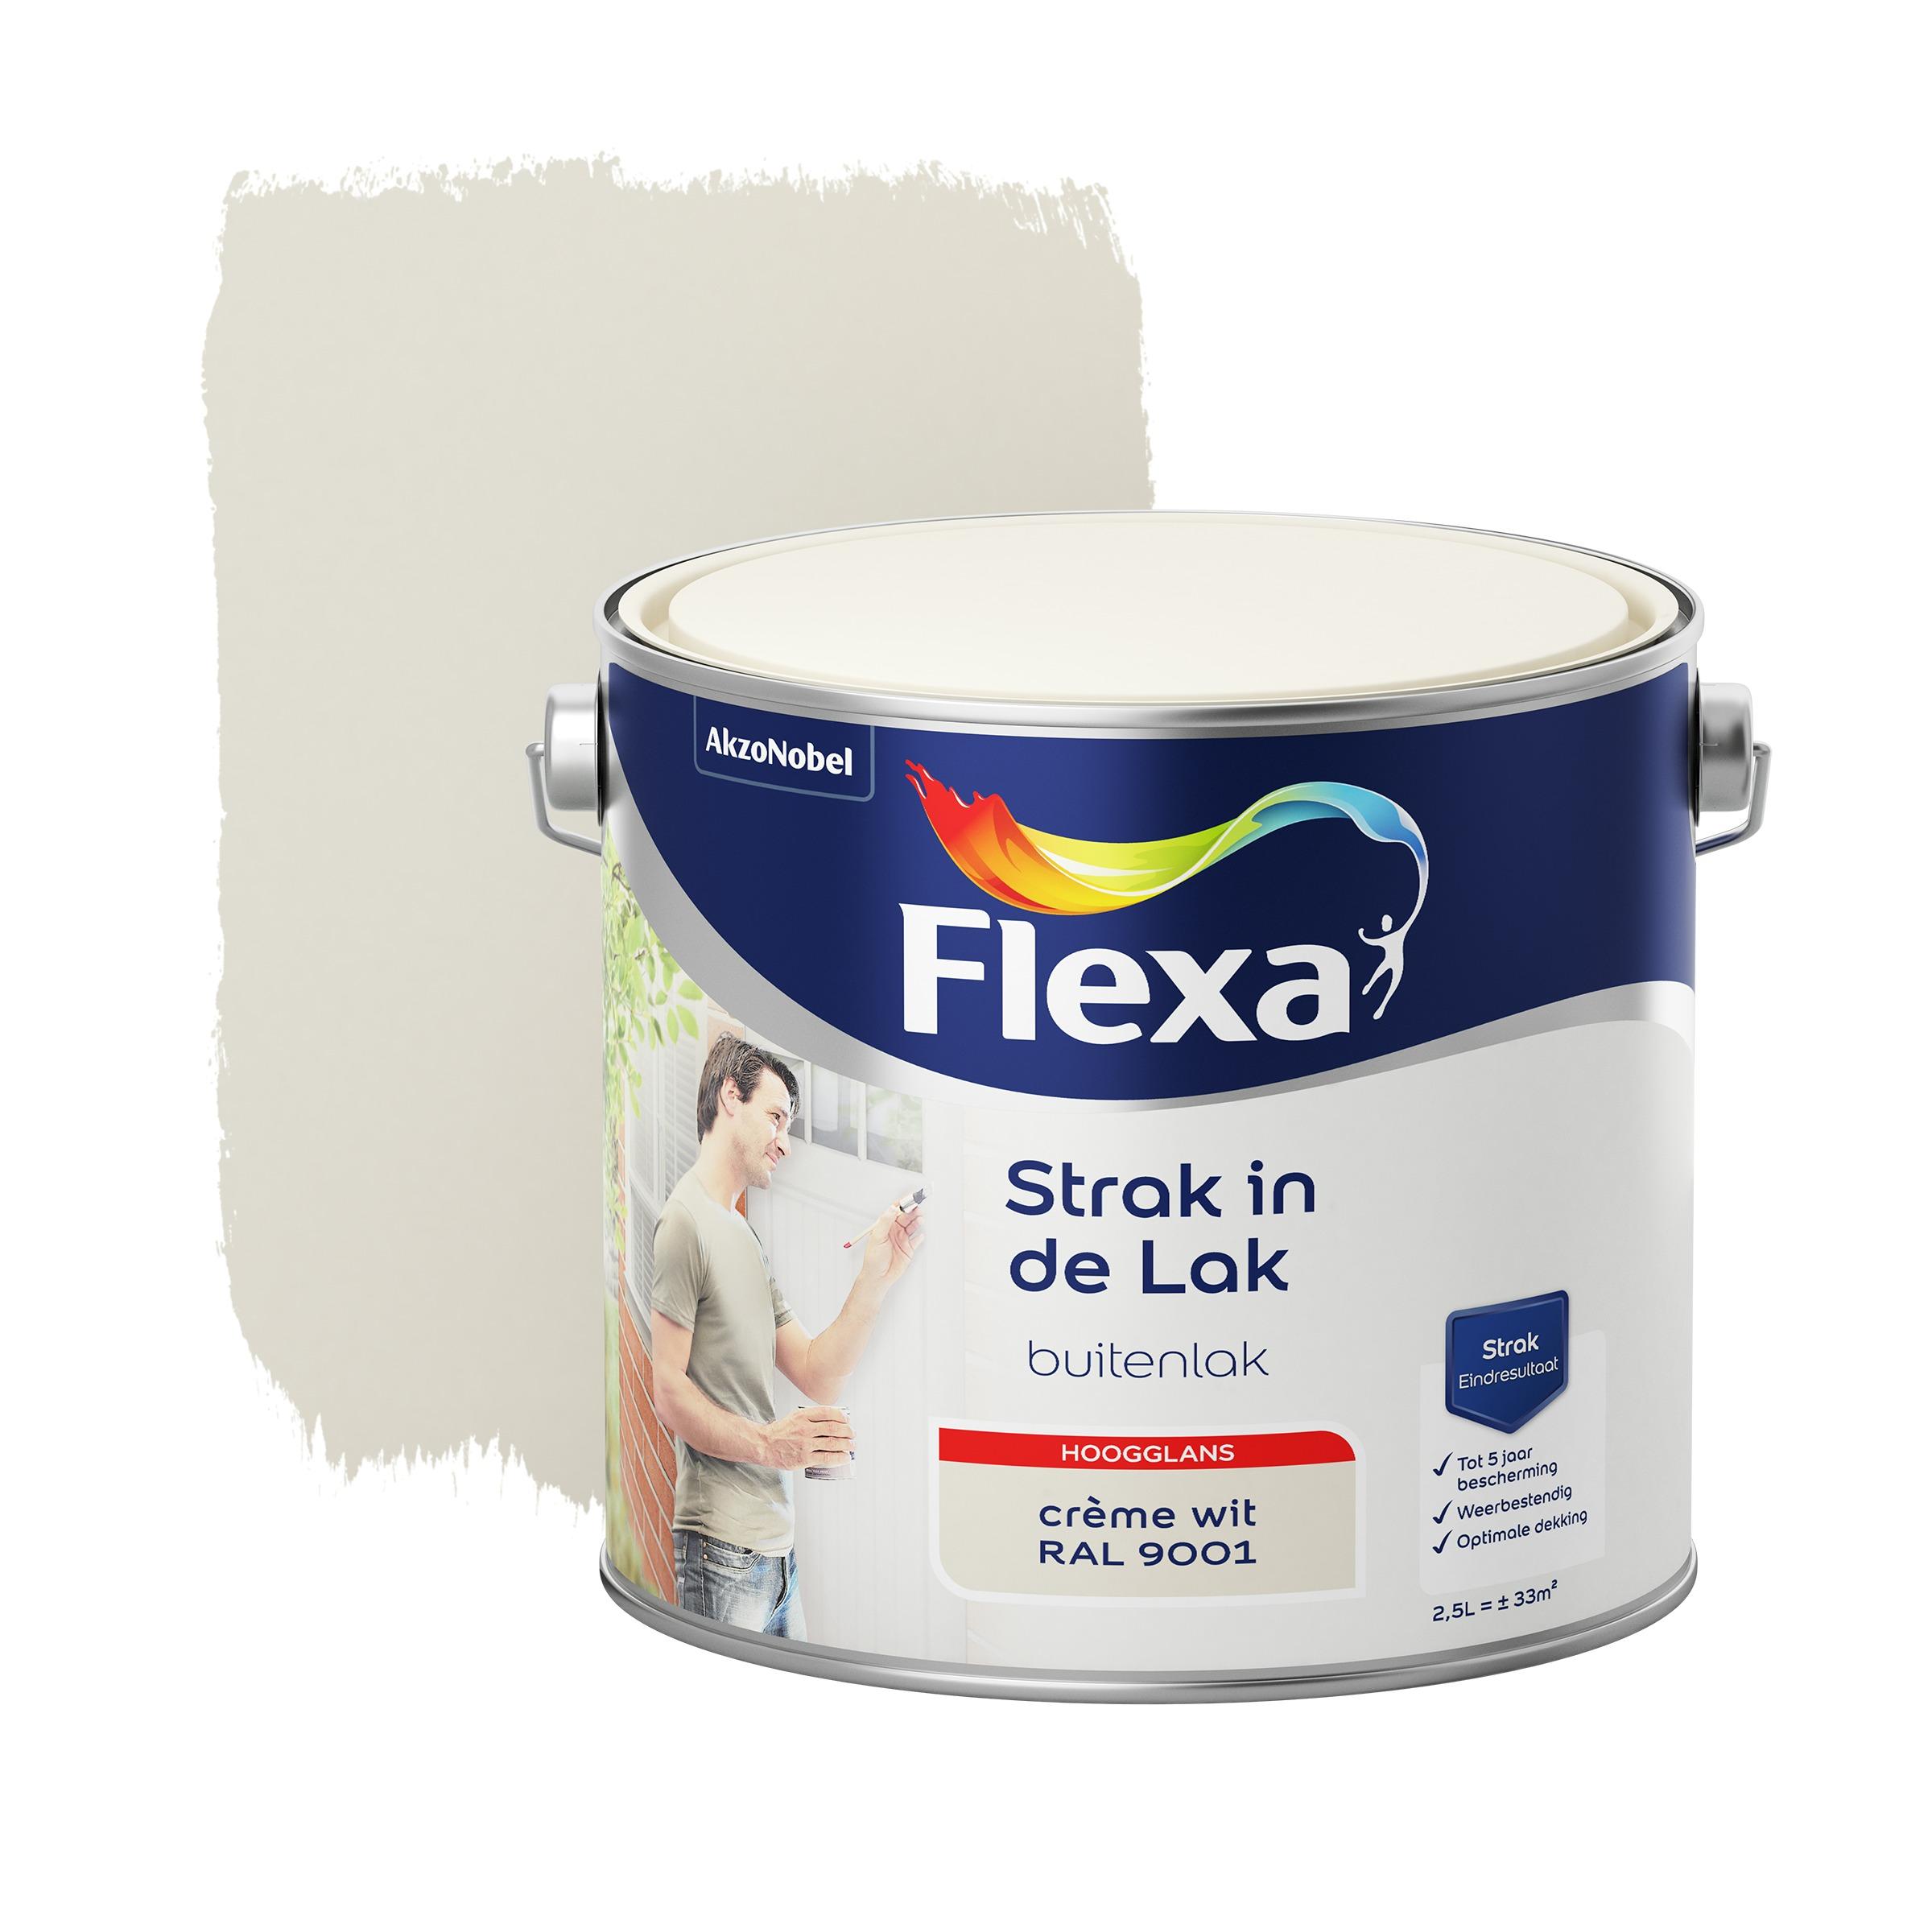 Flexa Strak In De Lak Hoogglans Crème Wit Ral 9001 2,5L